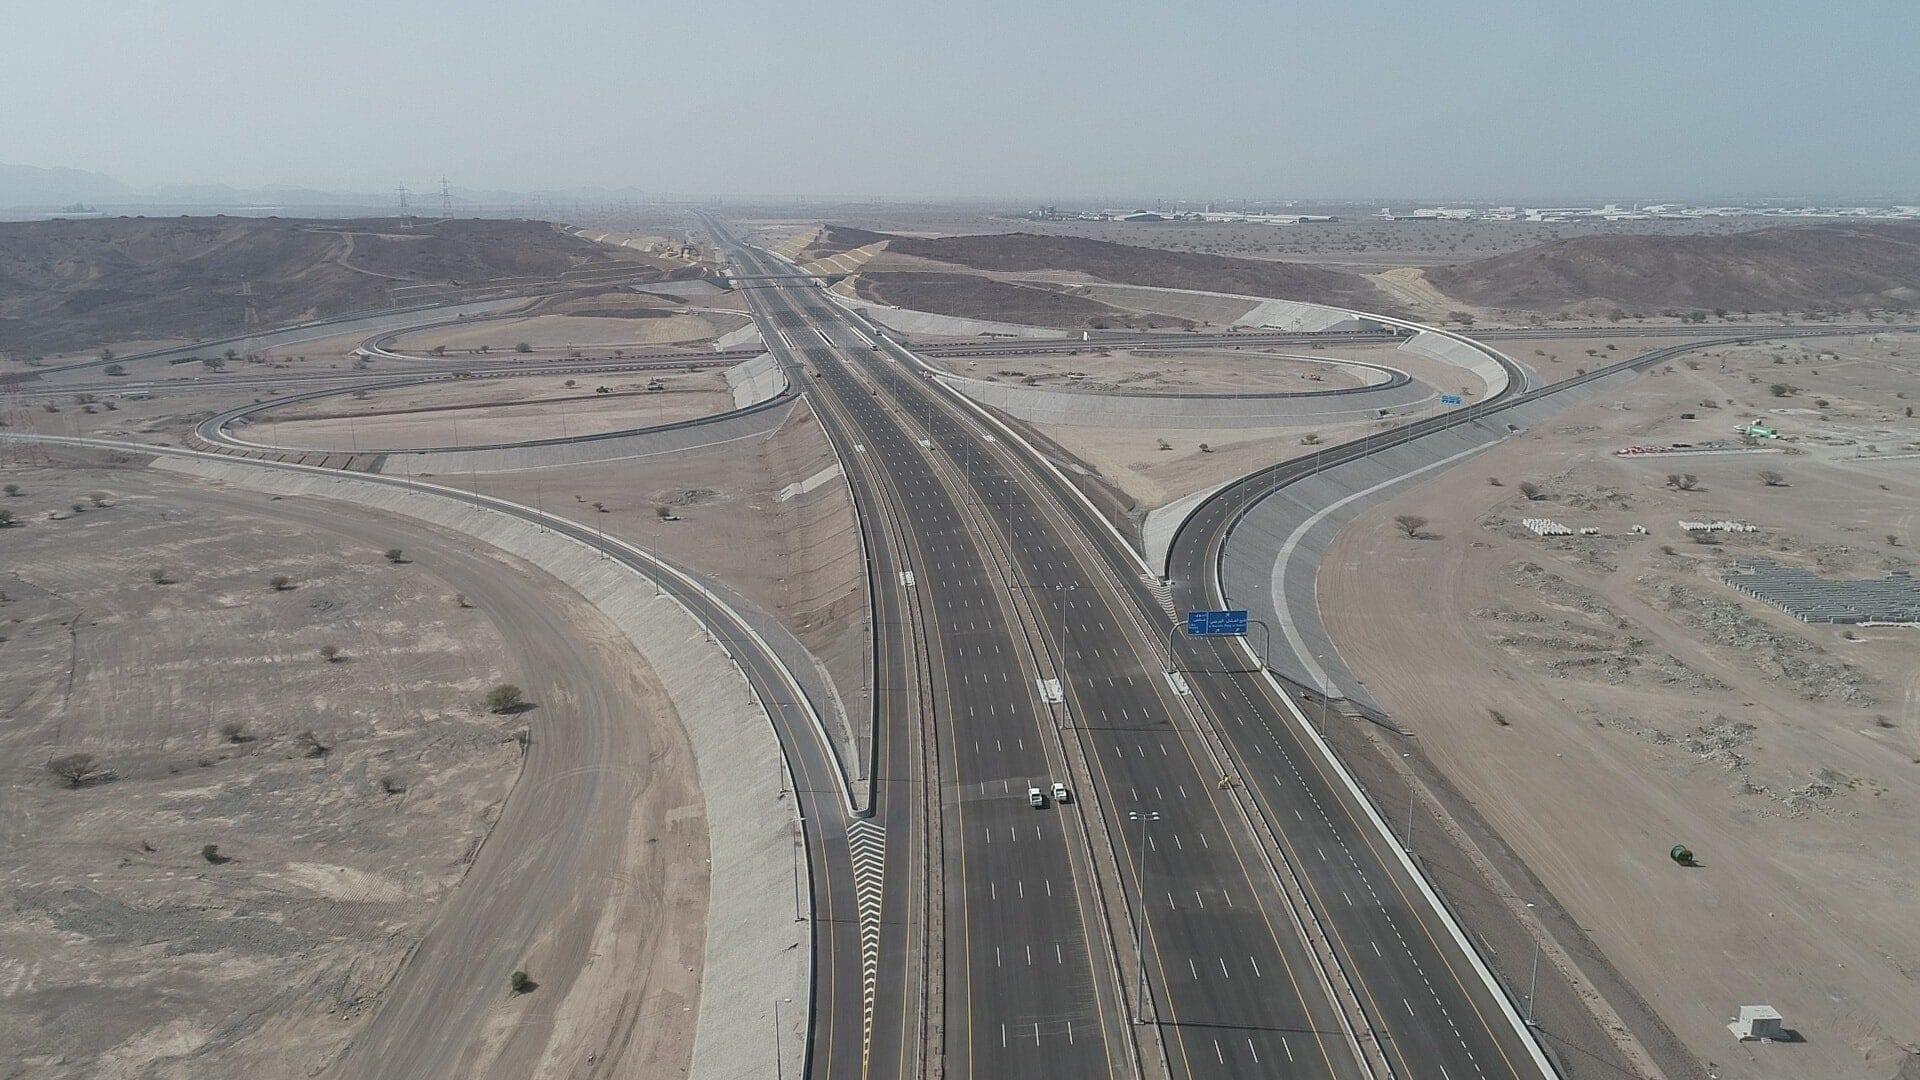 Section of Batinah Expressway